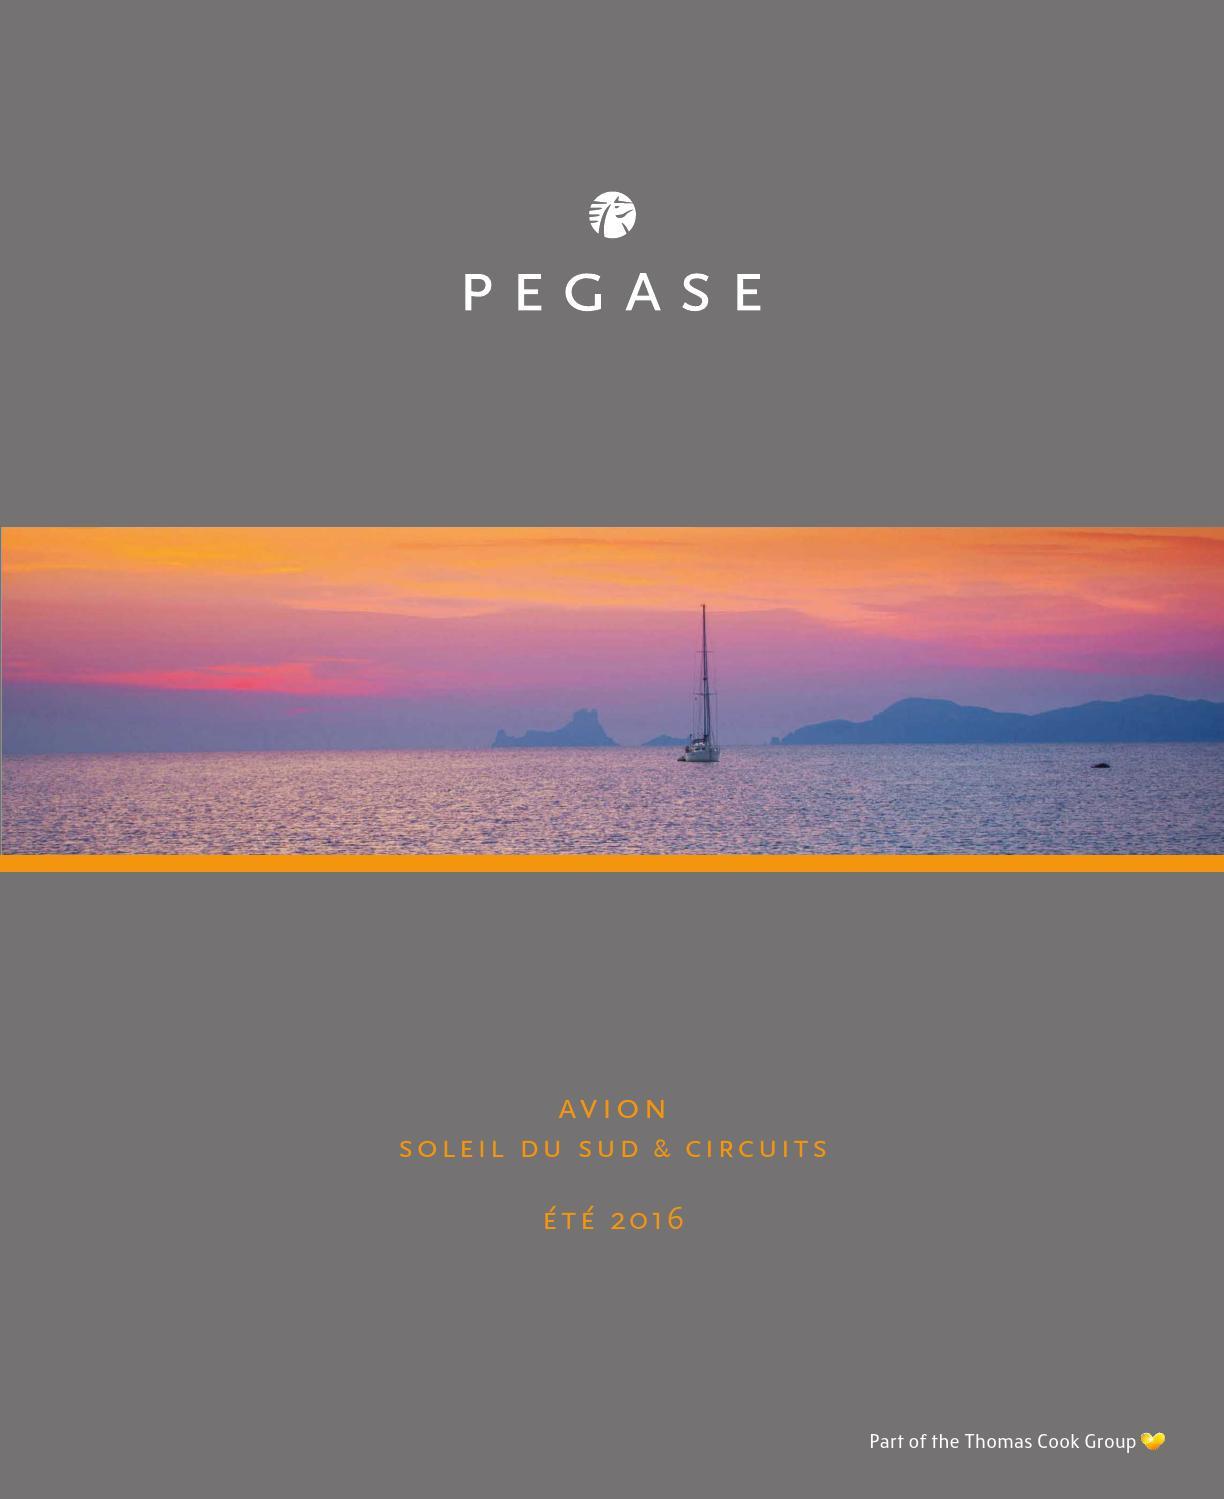 Pegase Vacances En Avion Été By Thomas Cook Belgium Issuu - Carrelage piscine et tapis arabesque maison du monde